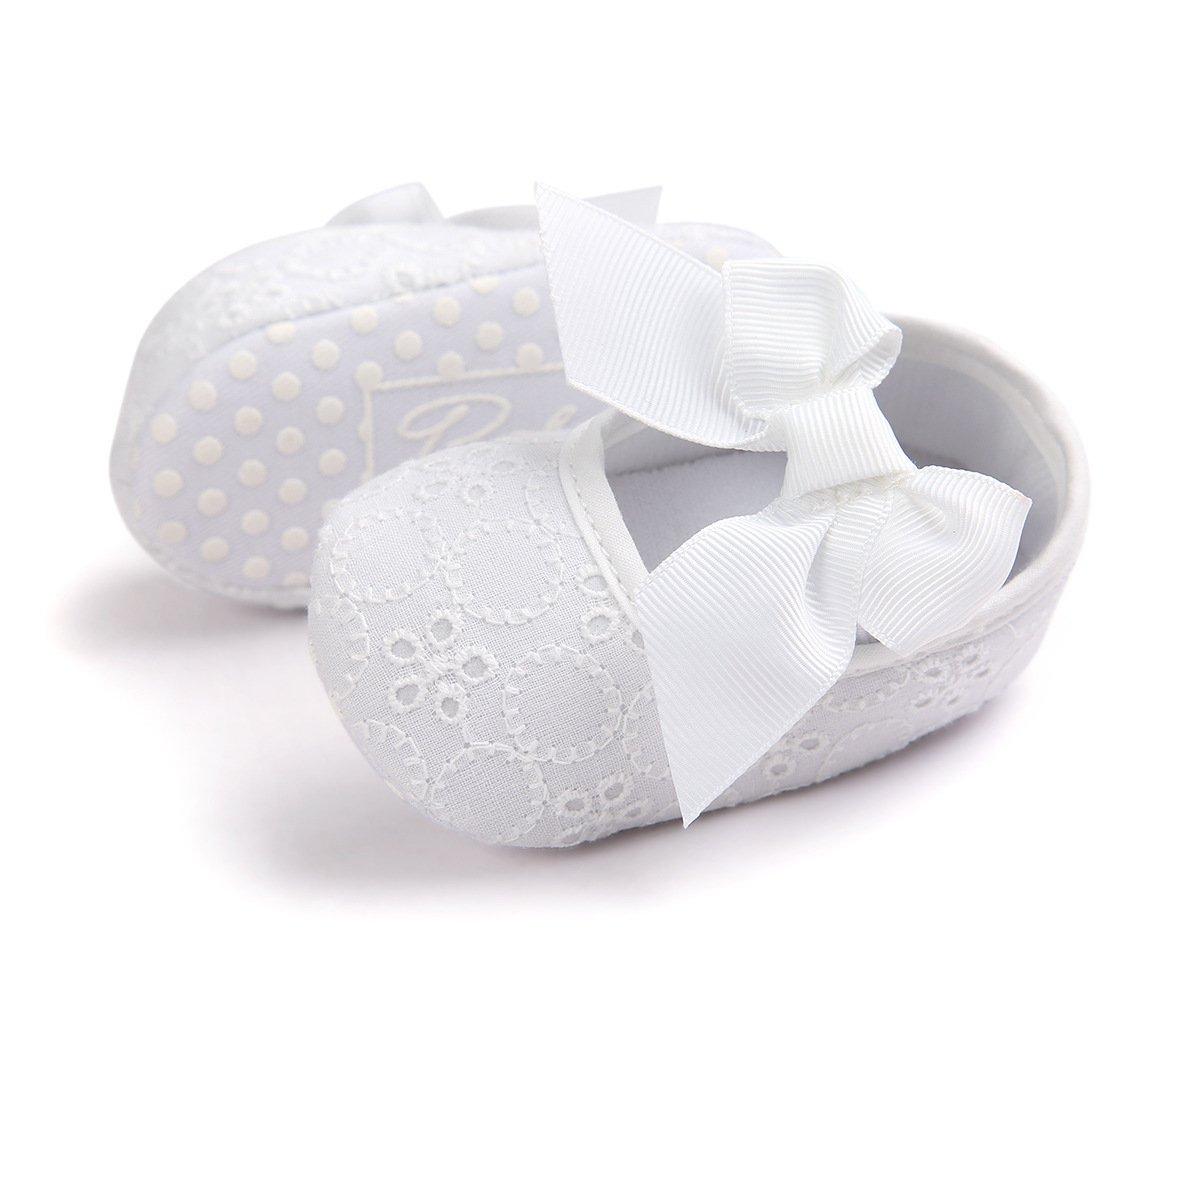 0-6 mois, violet Auxma Nouveau n/ée B/éb/é fille Semelle souple Chaussures Bowknot Fond doux Fleur Prewalker baskets